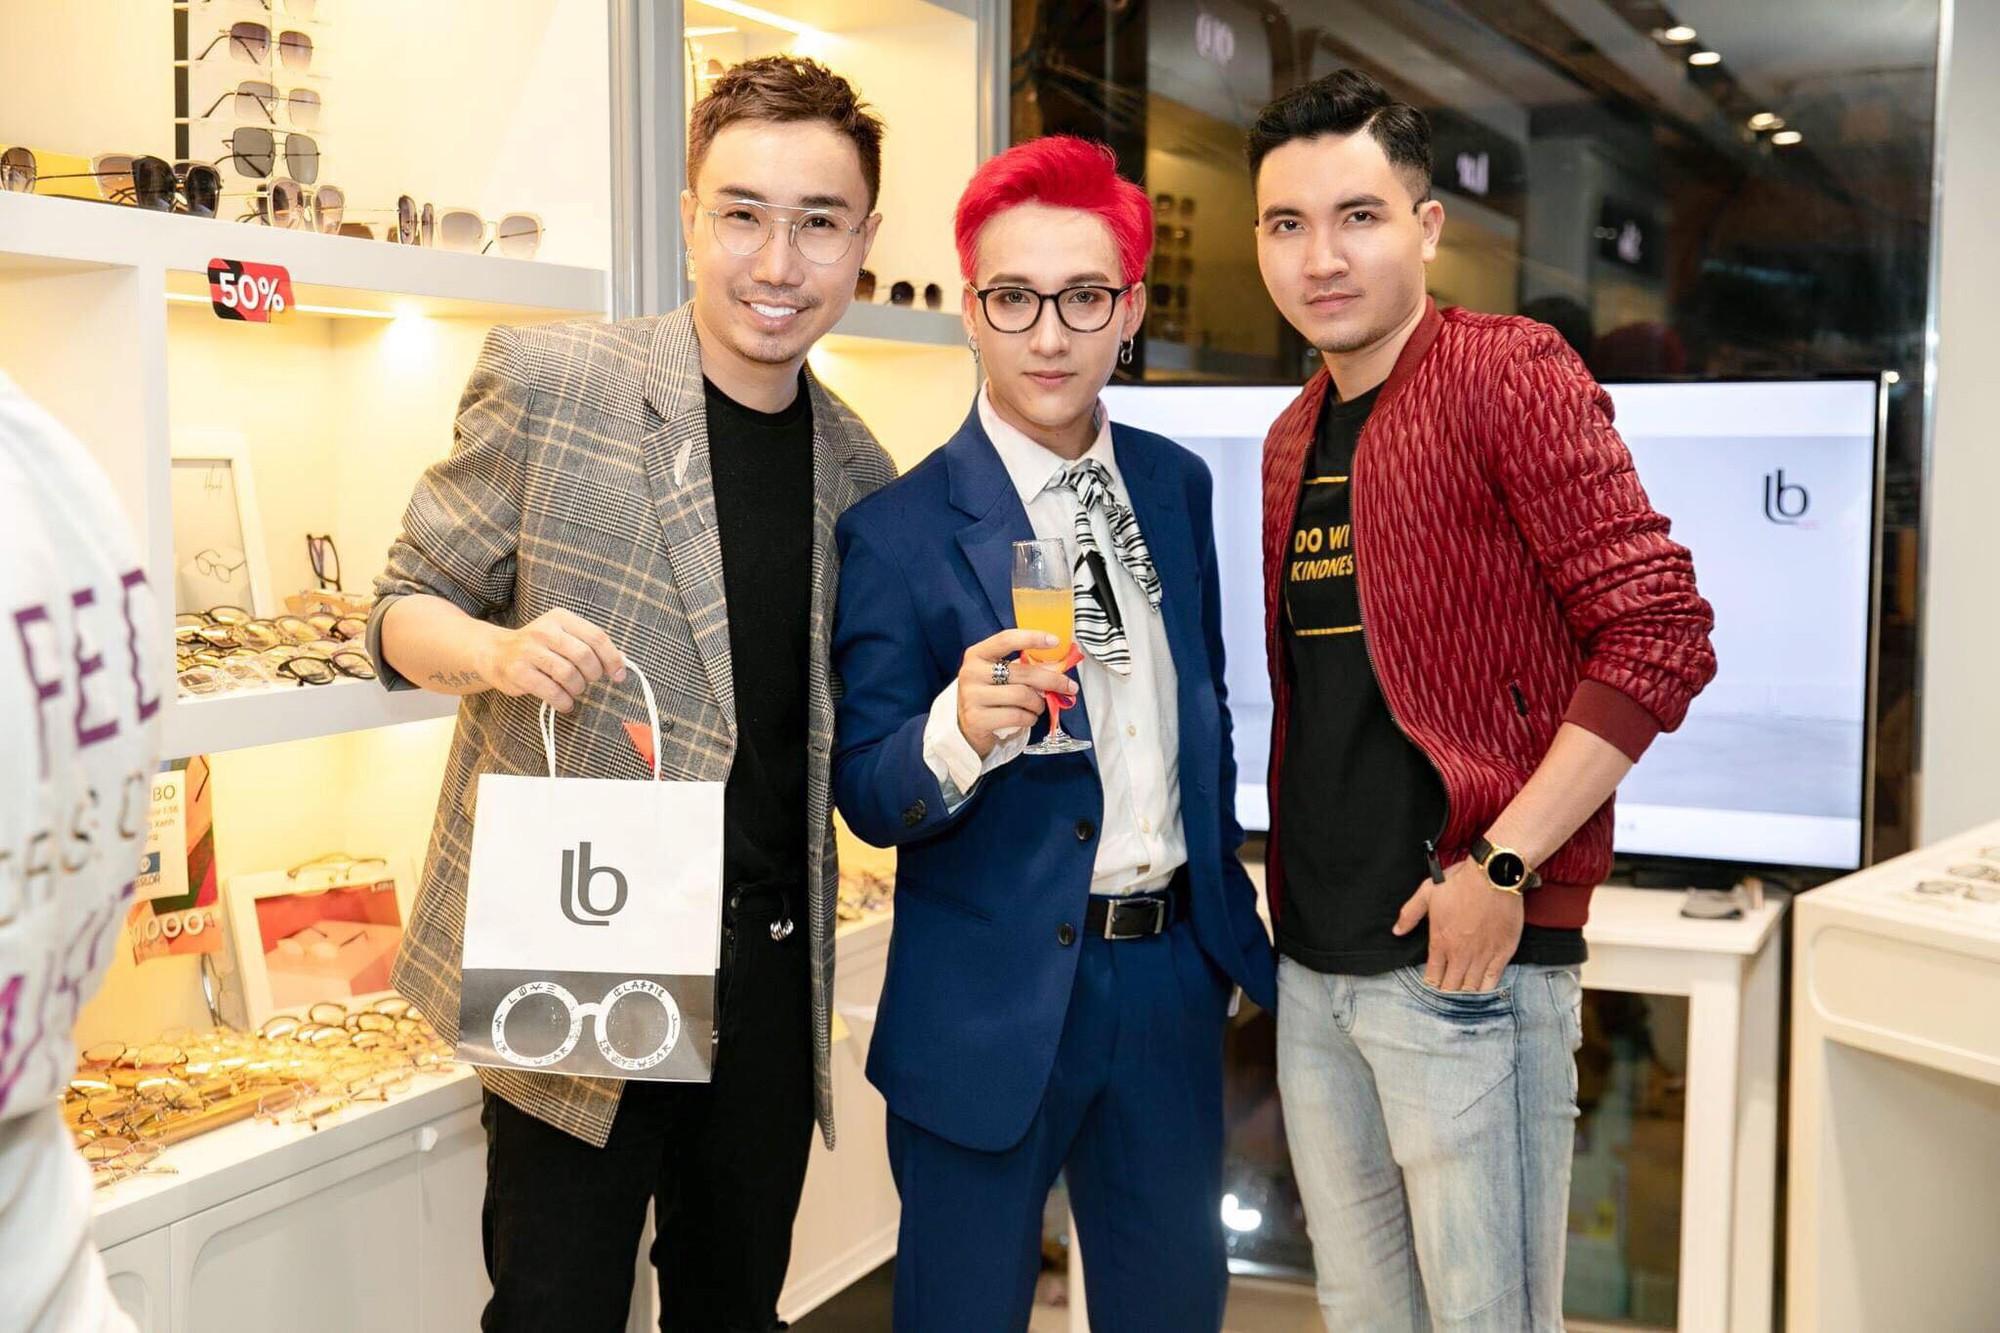 Hàn Khởi trở thành đại sứ thương hiệu cho LB Eyewear - Ảnh 1.